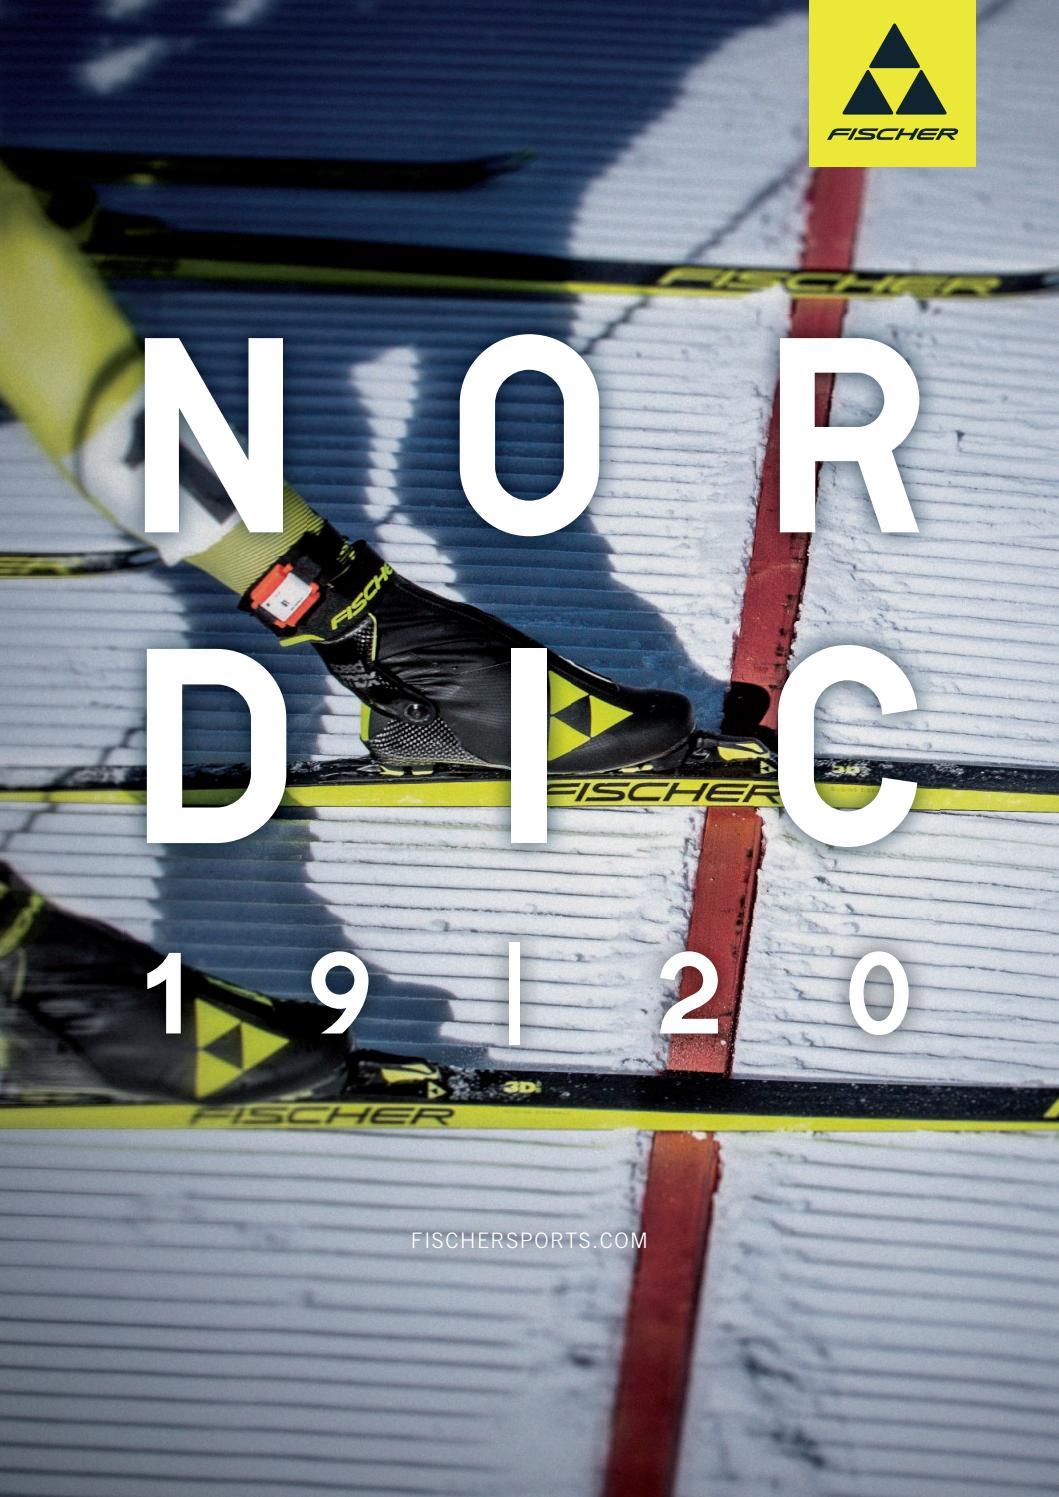 Fischer Catalog 19 20 Nordic by Skinørd issuu